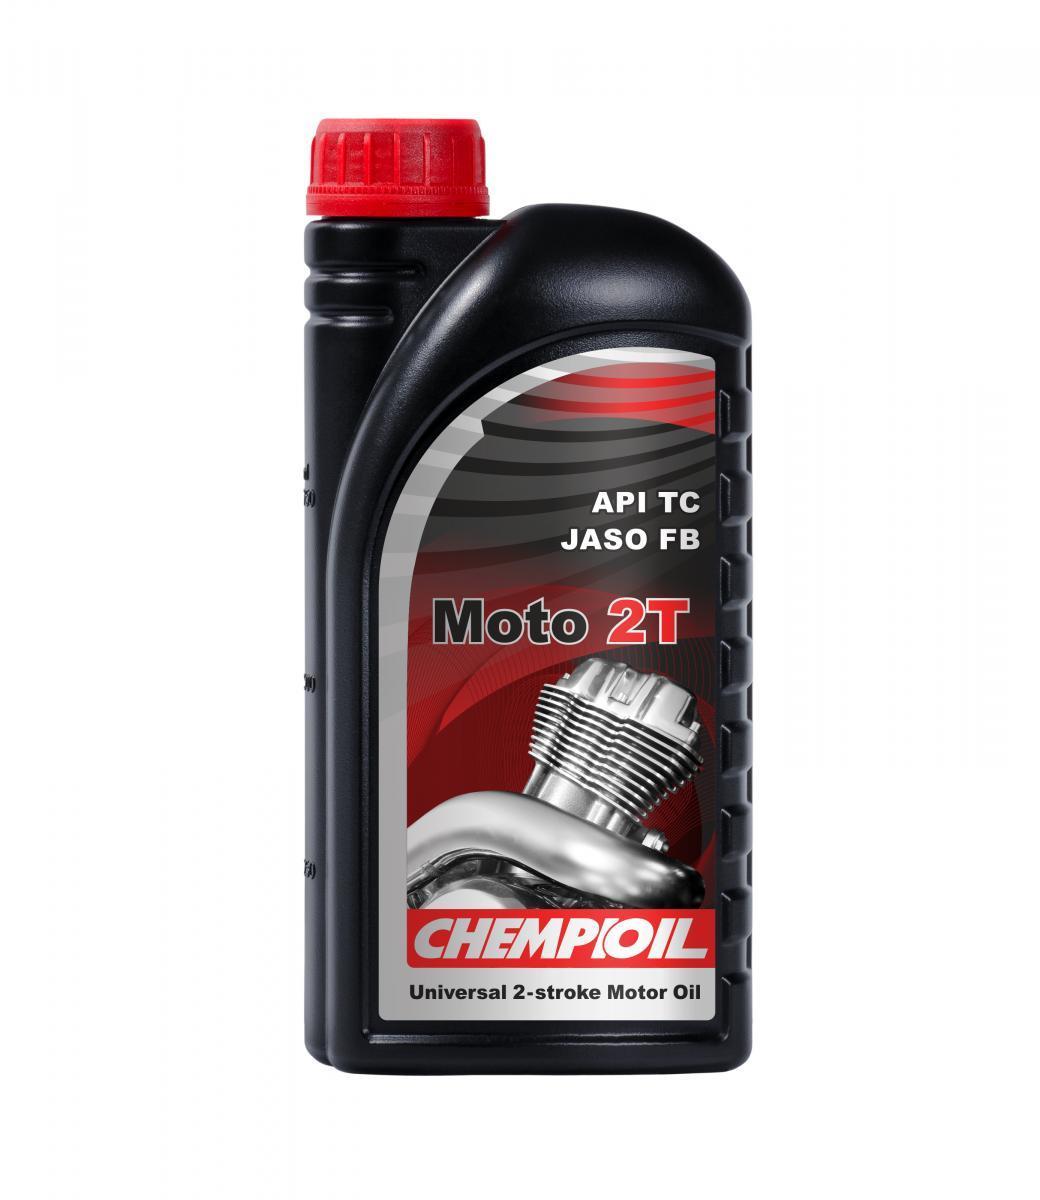 Motorno olje CHEMPIOIL CH9201-1 ZIP PIAGGIO